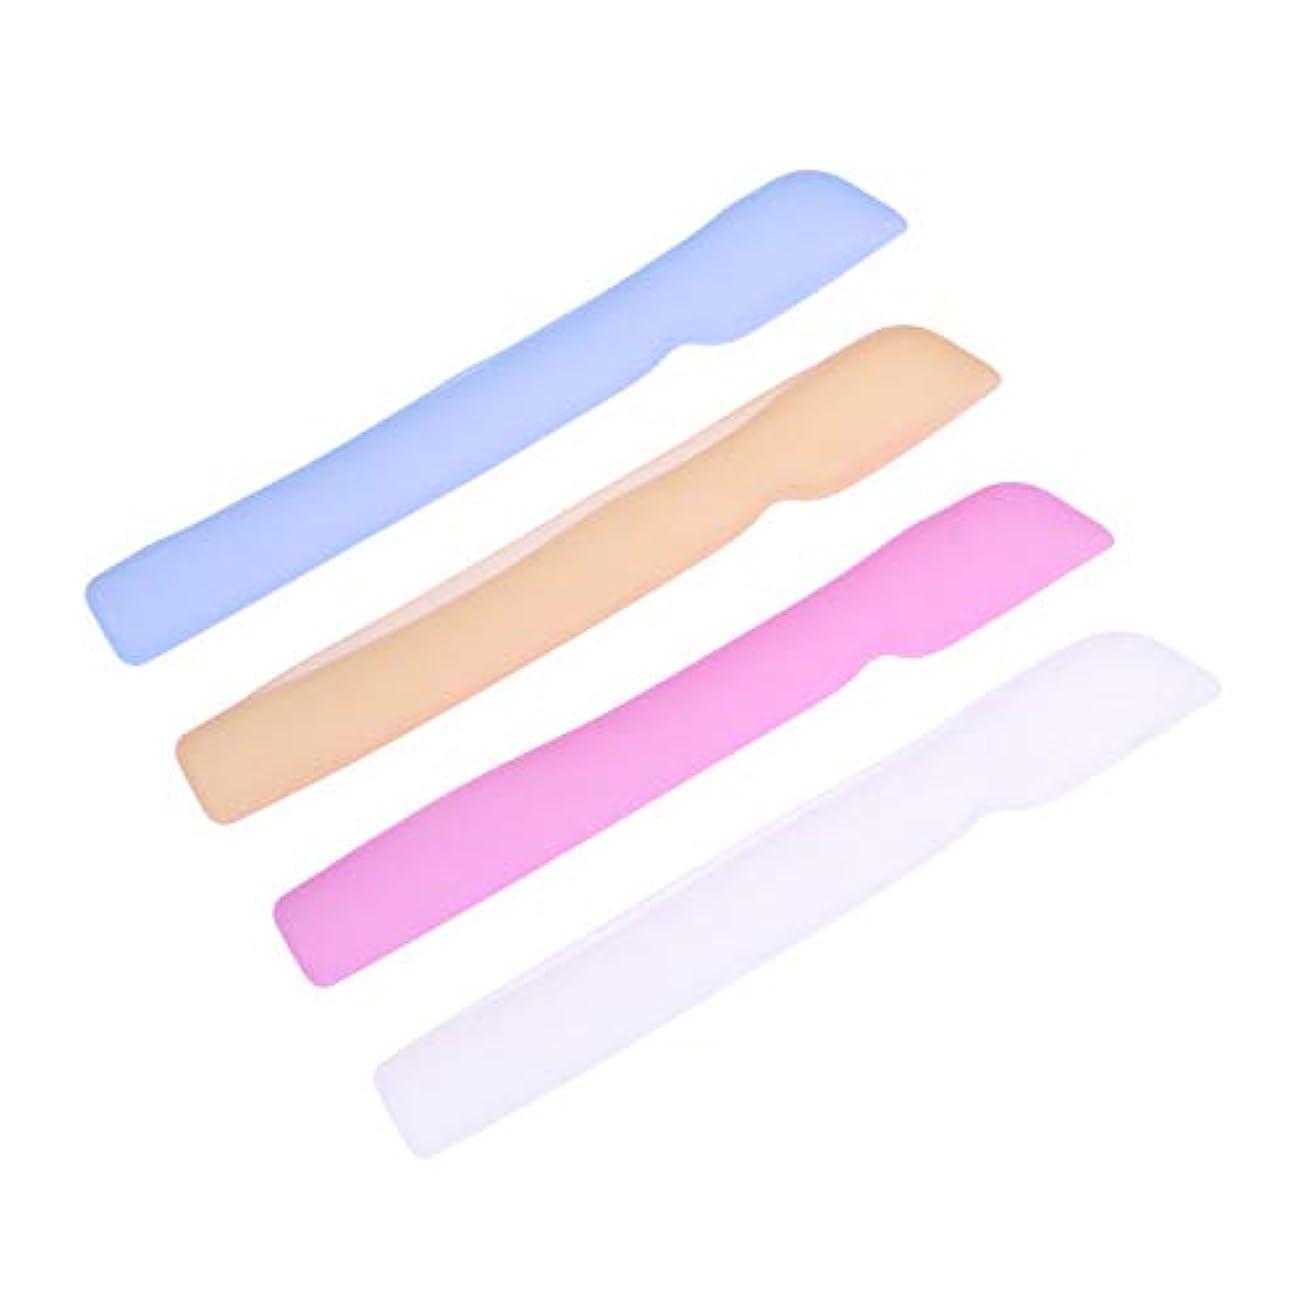 損失注入欠点HEALLILYシリコン歯ブラシケースカバー歯ブラシ用保護カバー保護ケース用4本(ブルー+ピンク+ライトイエロー+ホワイト)